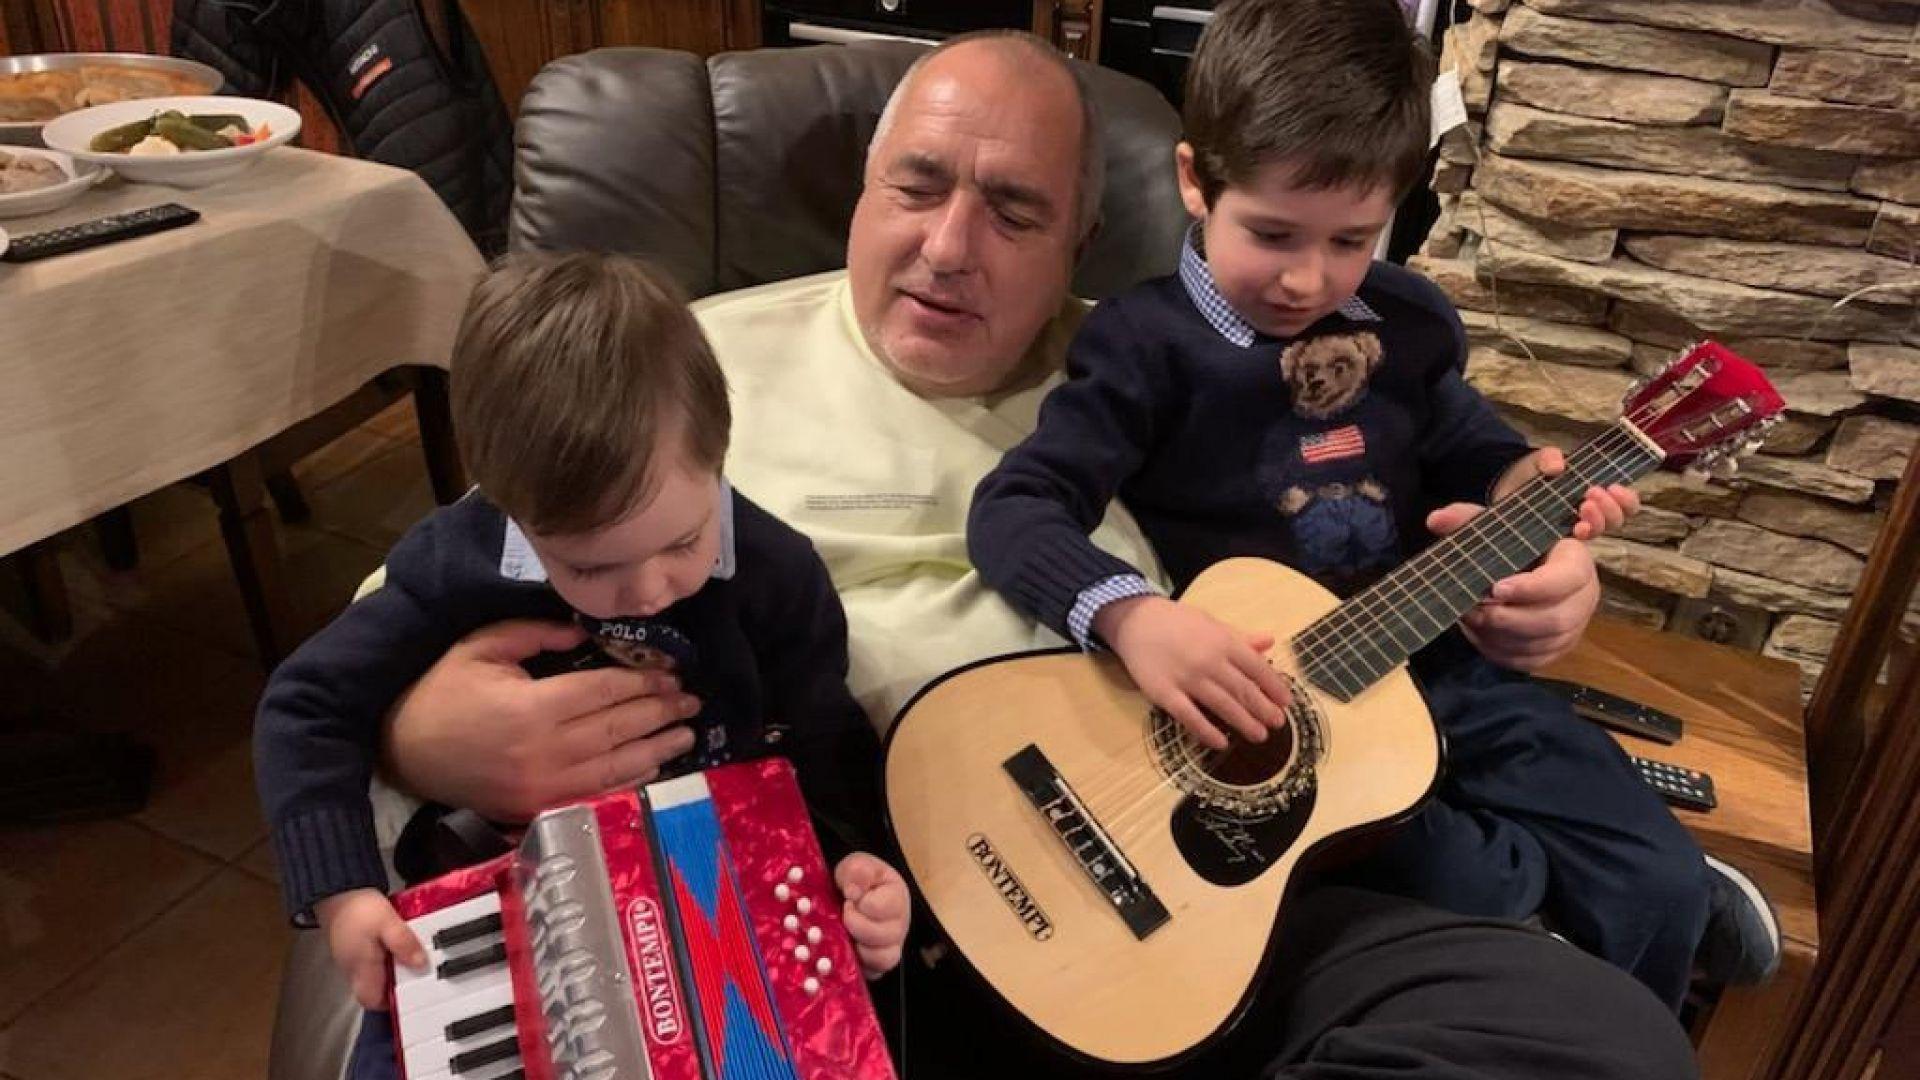 Бойко Борисов: Няма по-хубаво от времето със семейството, спокойни празници на всички!